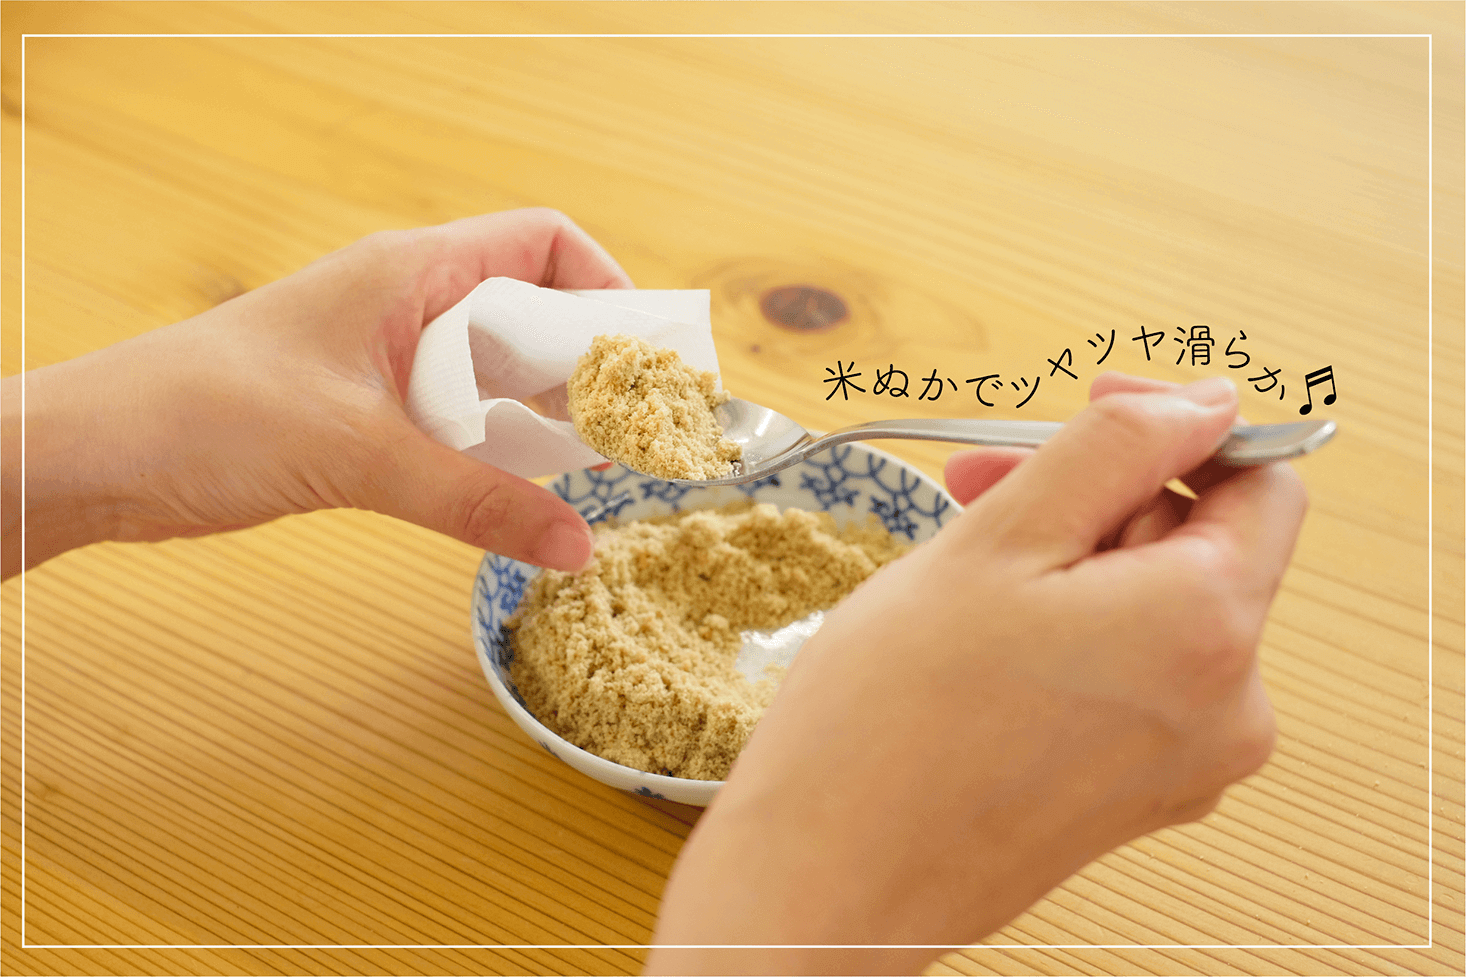 米ぬかをお茶パックに入れる図